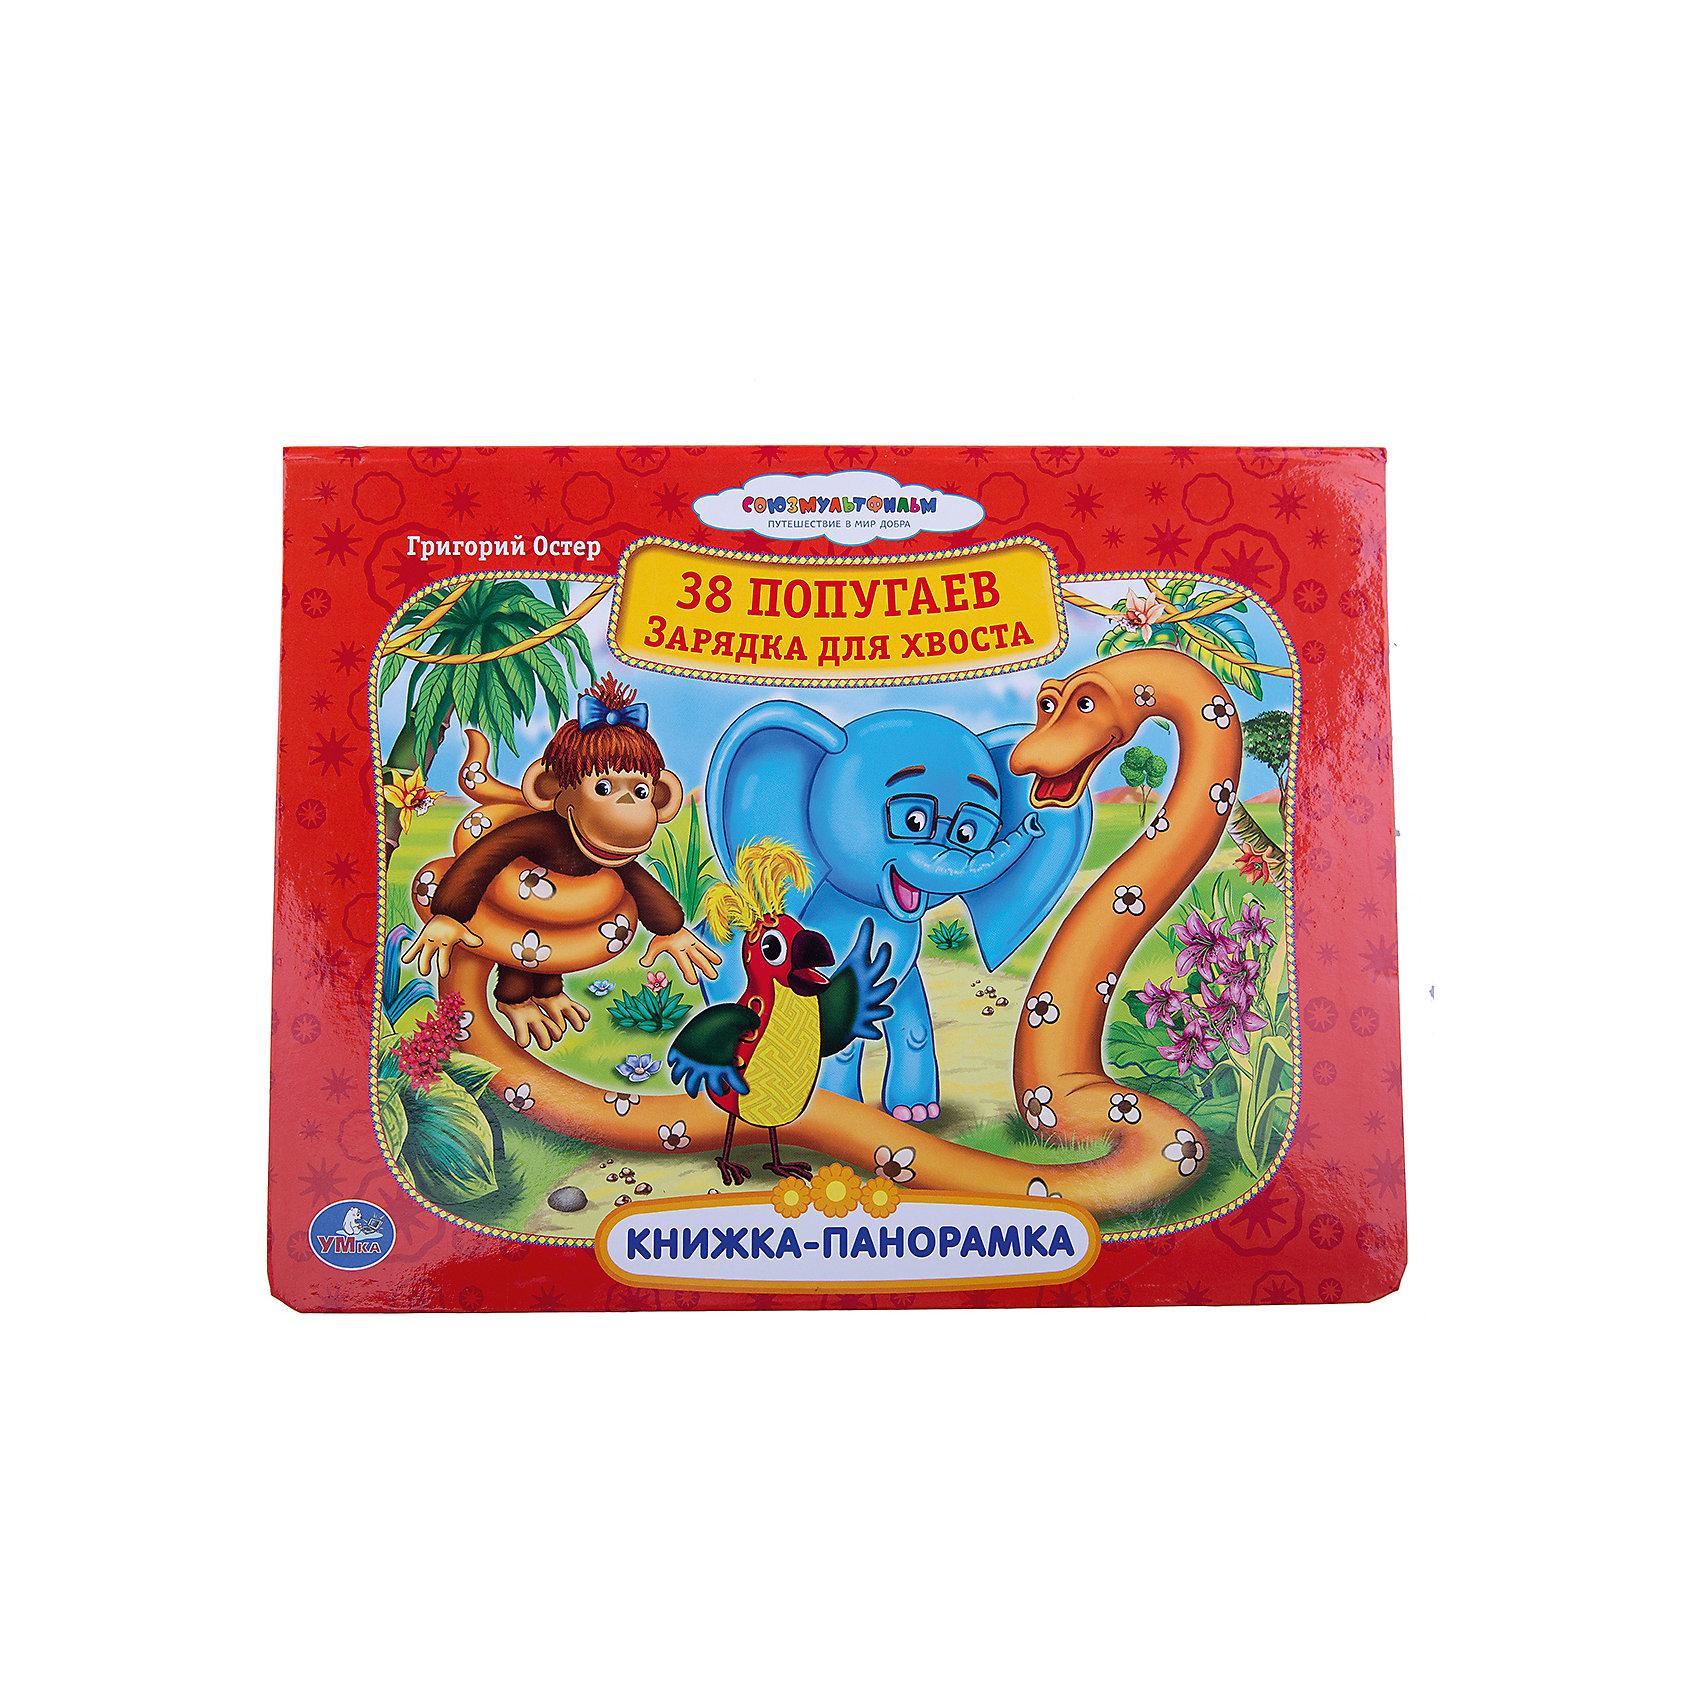 Книга-панорама Зарядка для хвостаМалыши любят рассматривать книжки-панорамки, ведь объёмные яркие иллюстрации не только радуют ребёнка, но и развивают образное и пространственное мышление. Книжка-панорамка, созданная по сюжету мультфильма 38 попугаев, поможет малышу встретиться с любимыми героями мультфильма мотивам сказки Григория Остера.<br><br>Дополнительная информация:<br><br>- Страниц : 12 <br>- Формат 260 x 195 мм<br>- Твердый переплет<br>- Автор: Григорий Остер<br>- Иллюстратор: Александр Родионов<br>- Редактор: Юлия Зайцева<br><br>Книжку-панорамку Зарядка для хвоста, Умка можно купить в нашем магазине.<br><br>Ширина мм: 260<br>Глубина мм: 200<br>Высота мм: 10<br>Вес г: 310<br>Возраст от месяцев: 12<br>Возраст до месяцев: 60<br>Пол: Унисекс<br>Возраст: Детский<br>SKU: 3763692